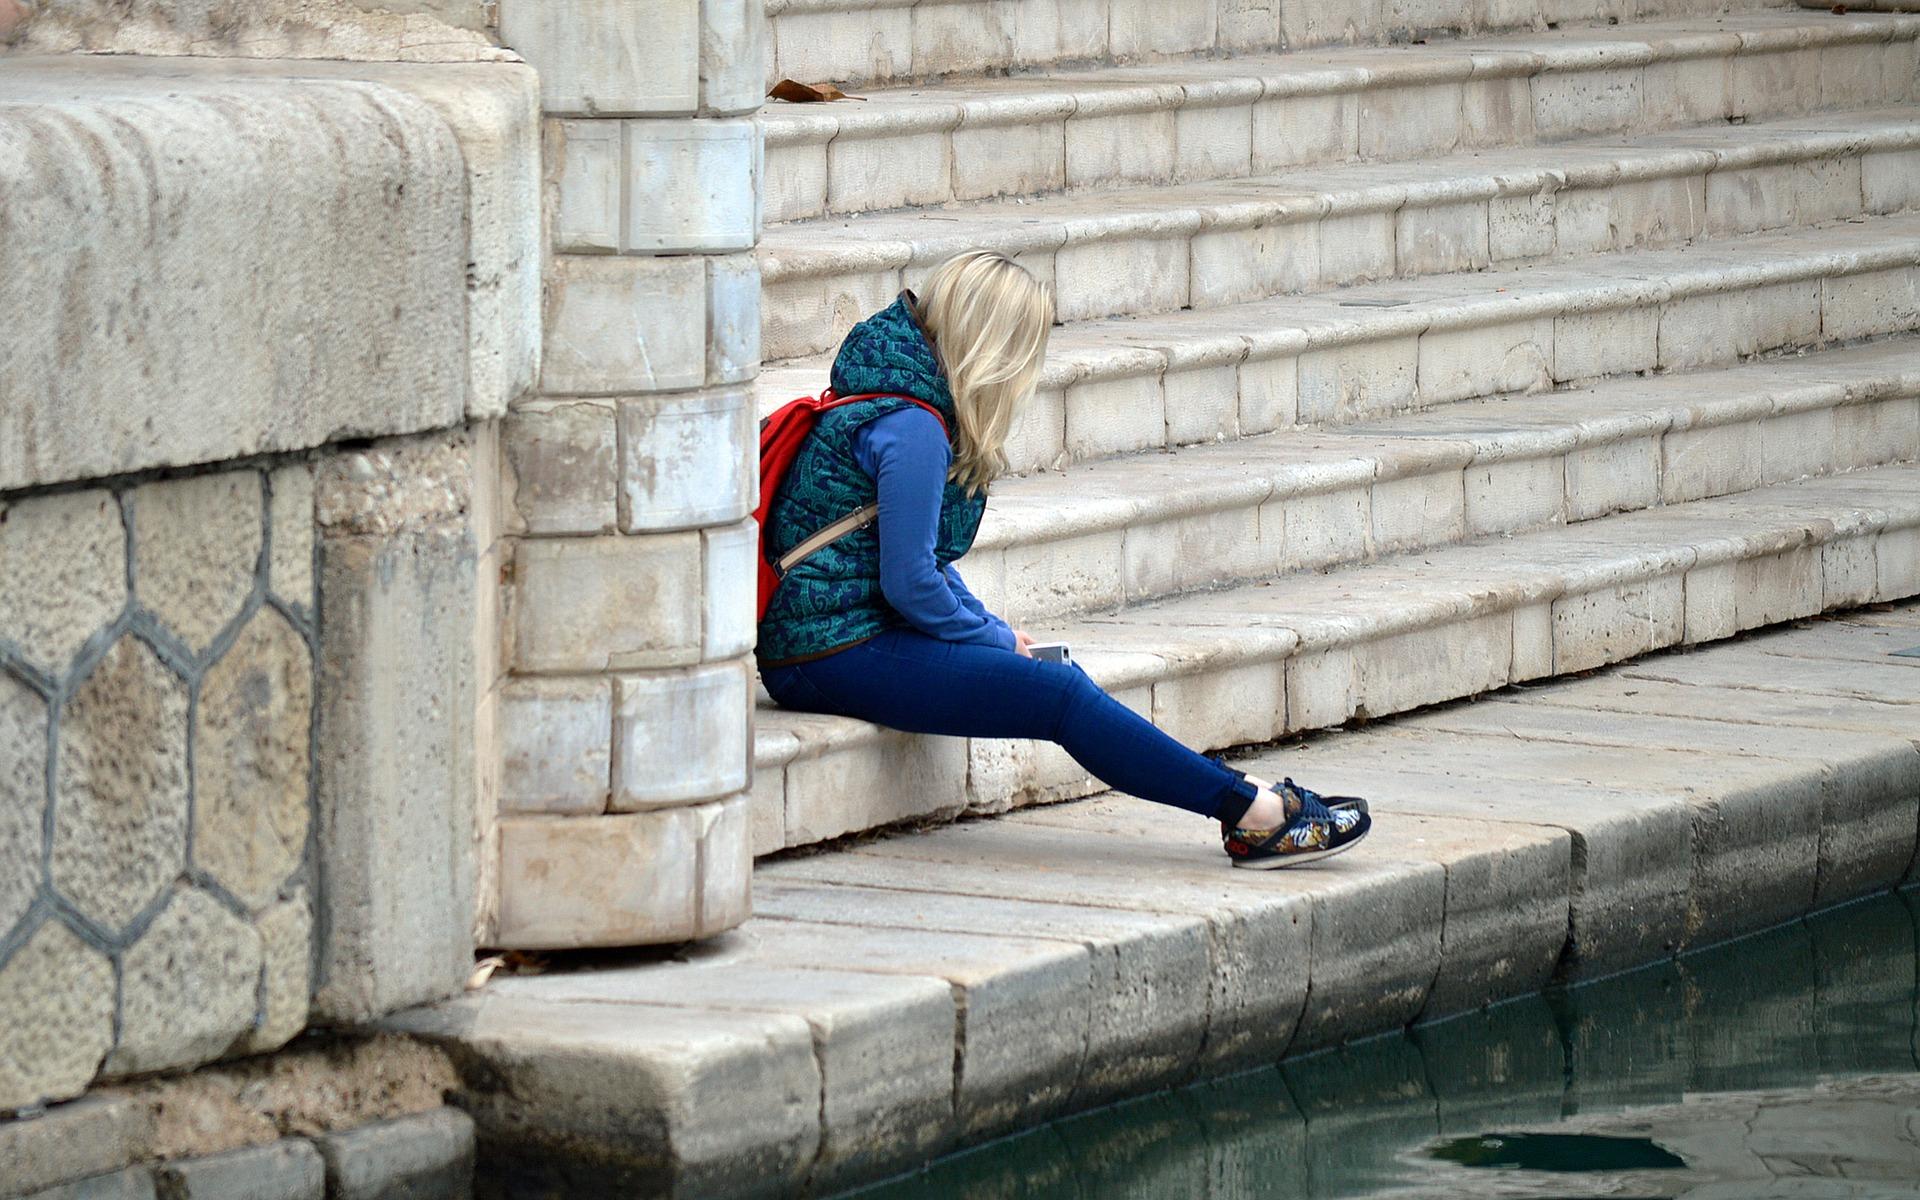 Une autre étude a révélé un lien inquiétant entre l'utilisation du smartphone et la dépression chez les adolescents. (Image via pixabay / CC0 1.0 )